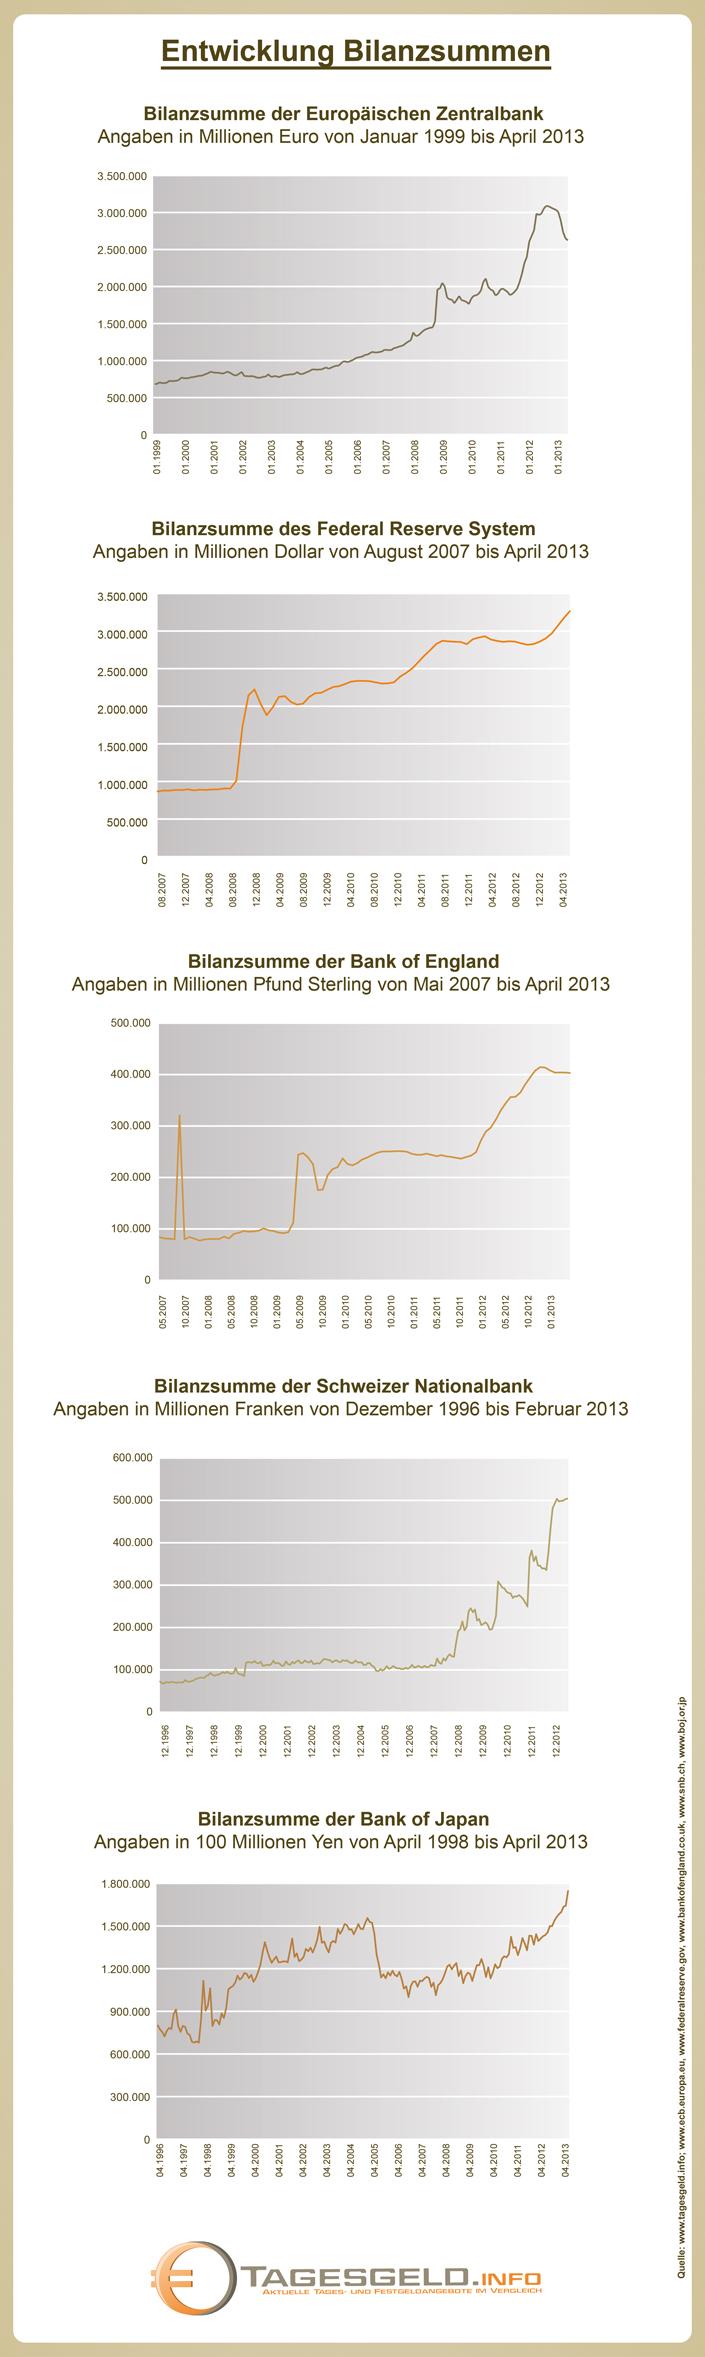 Entwicklung der Bilanzsummen der wichtigsten Zentralbanken